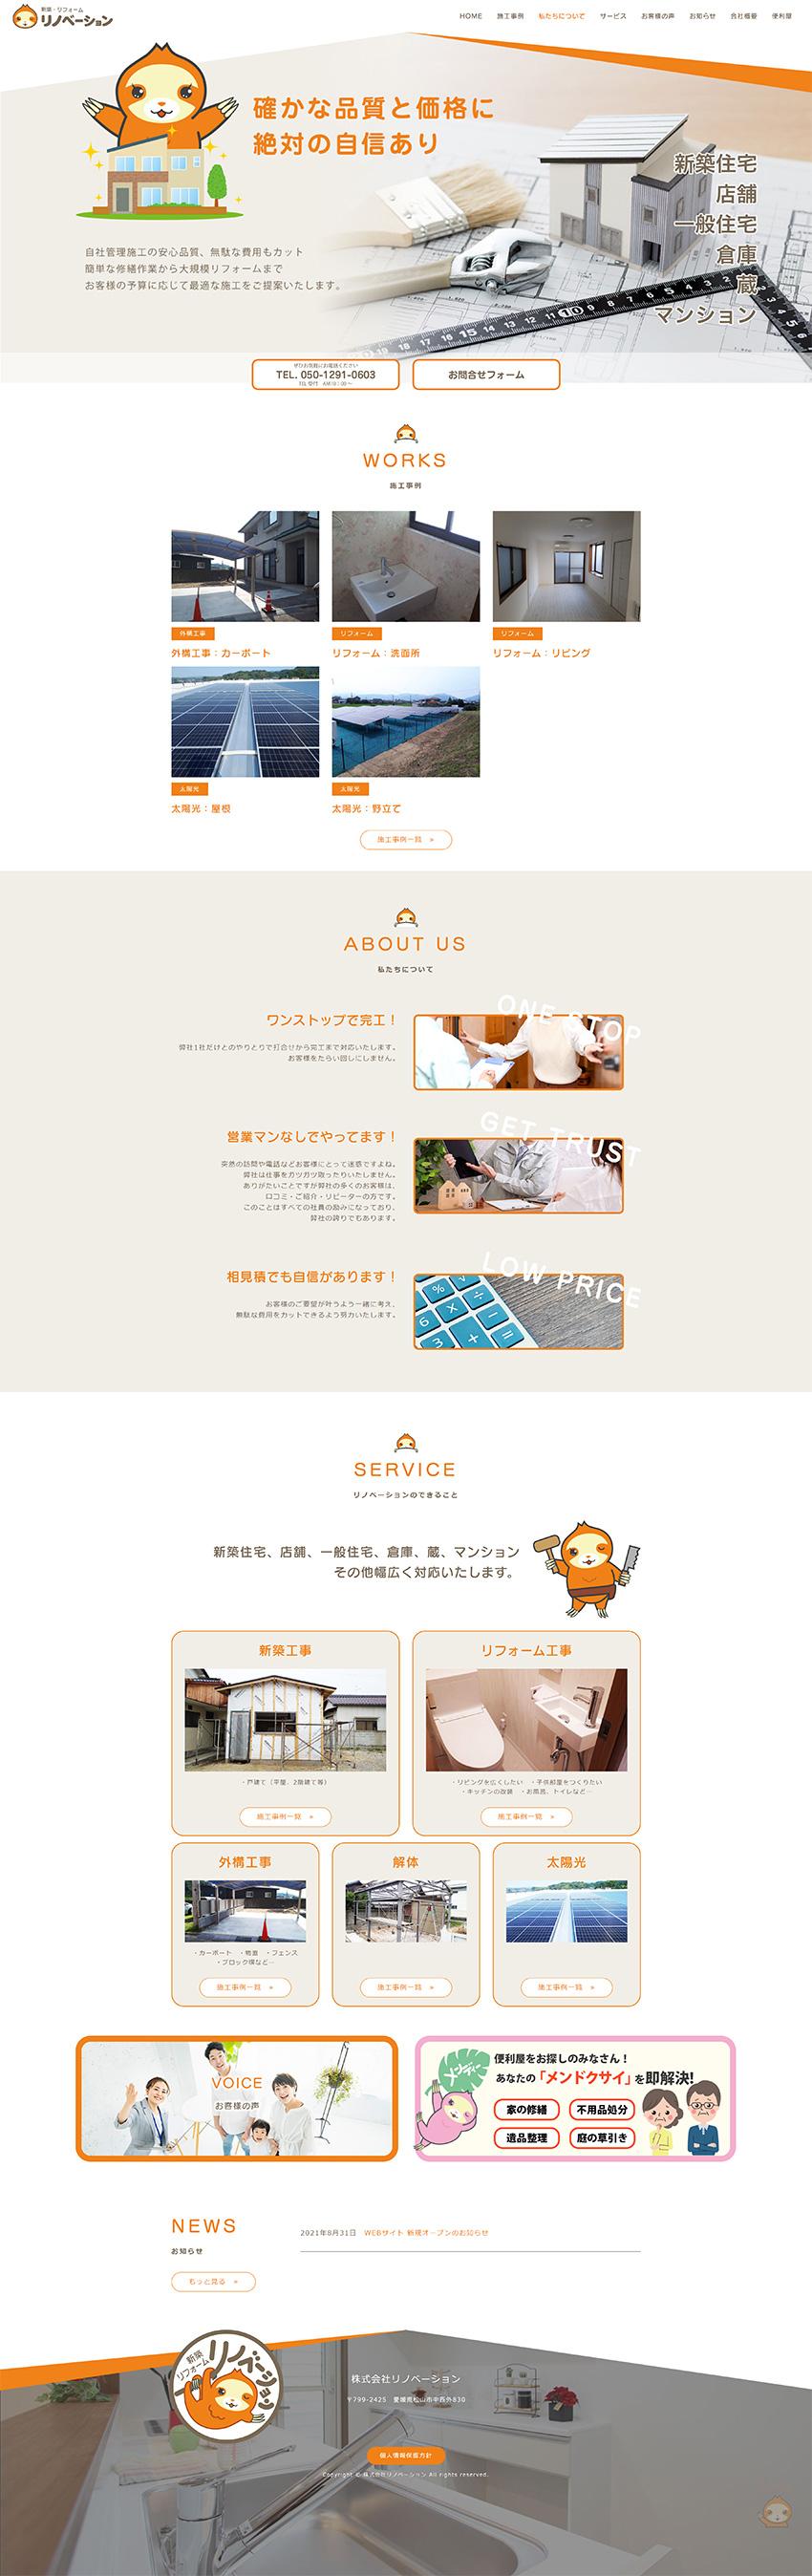 株式会社リノベーション様WEBサイト制作